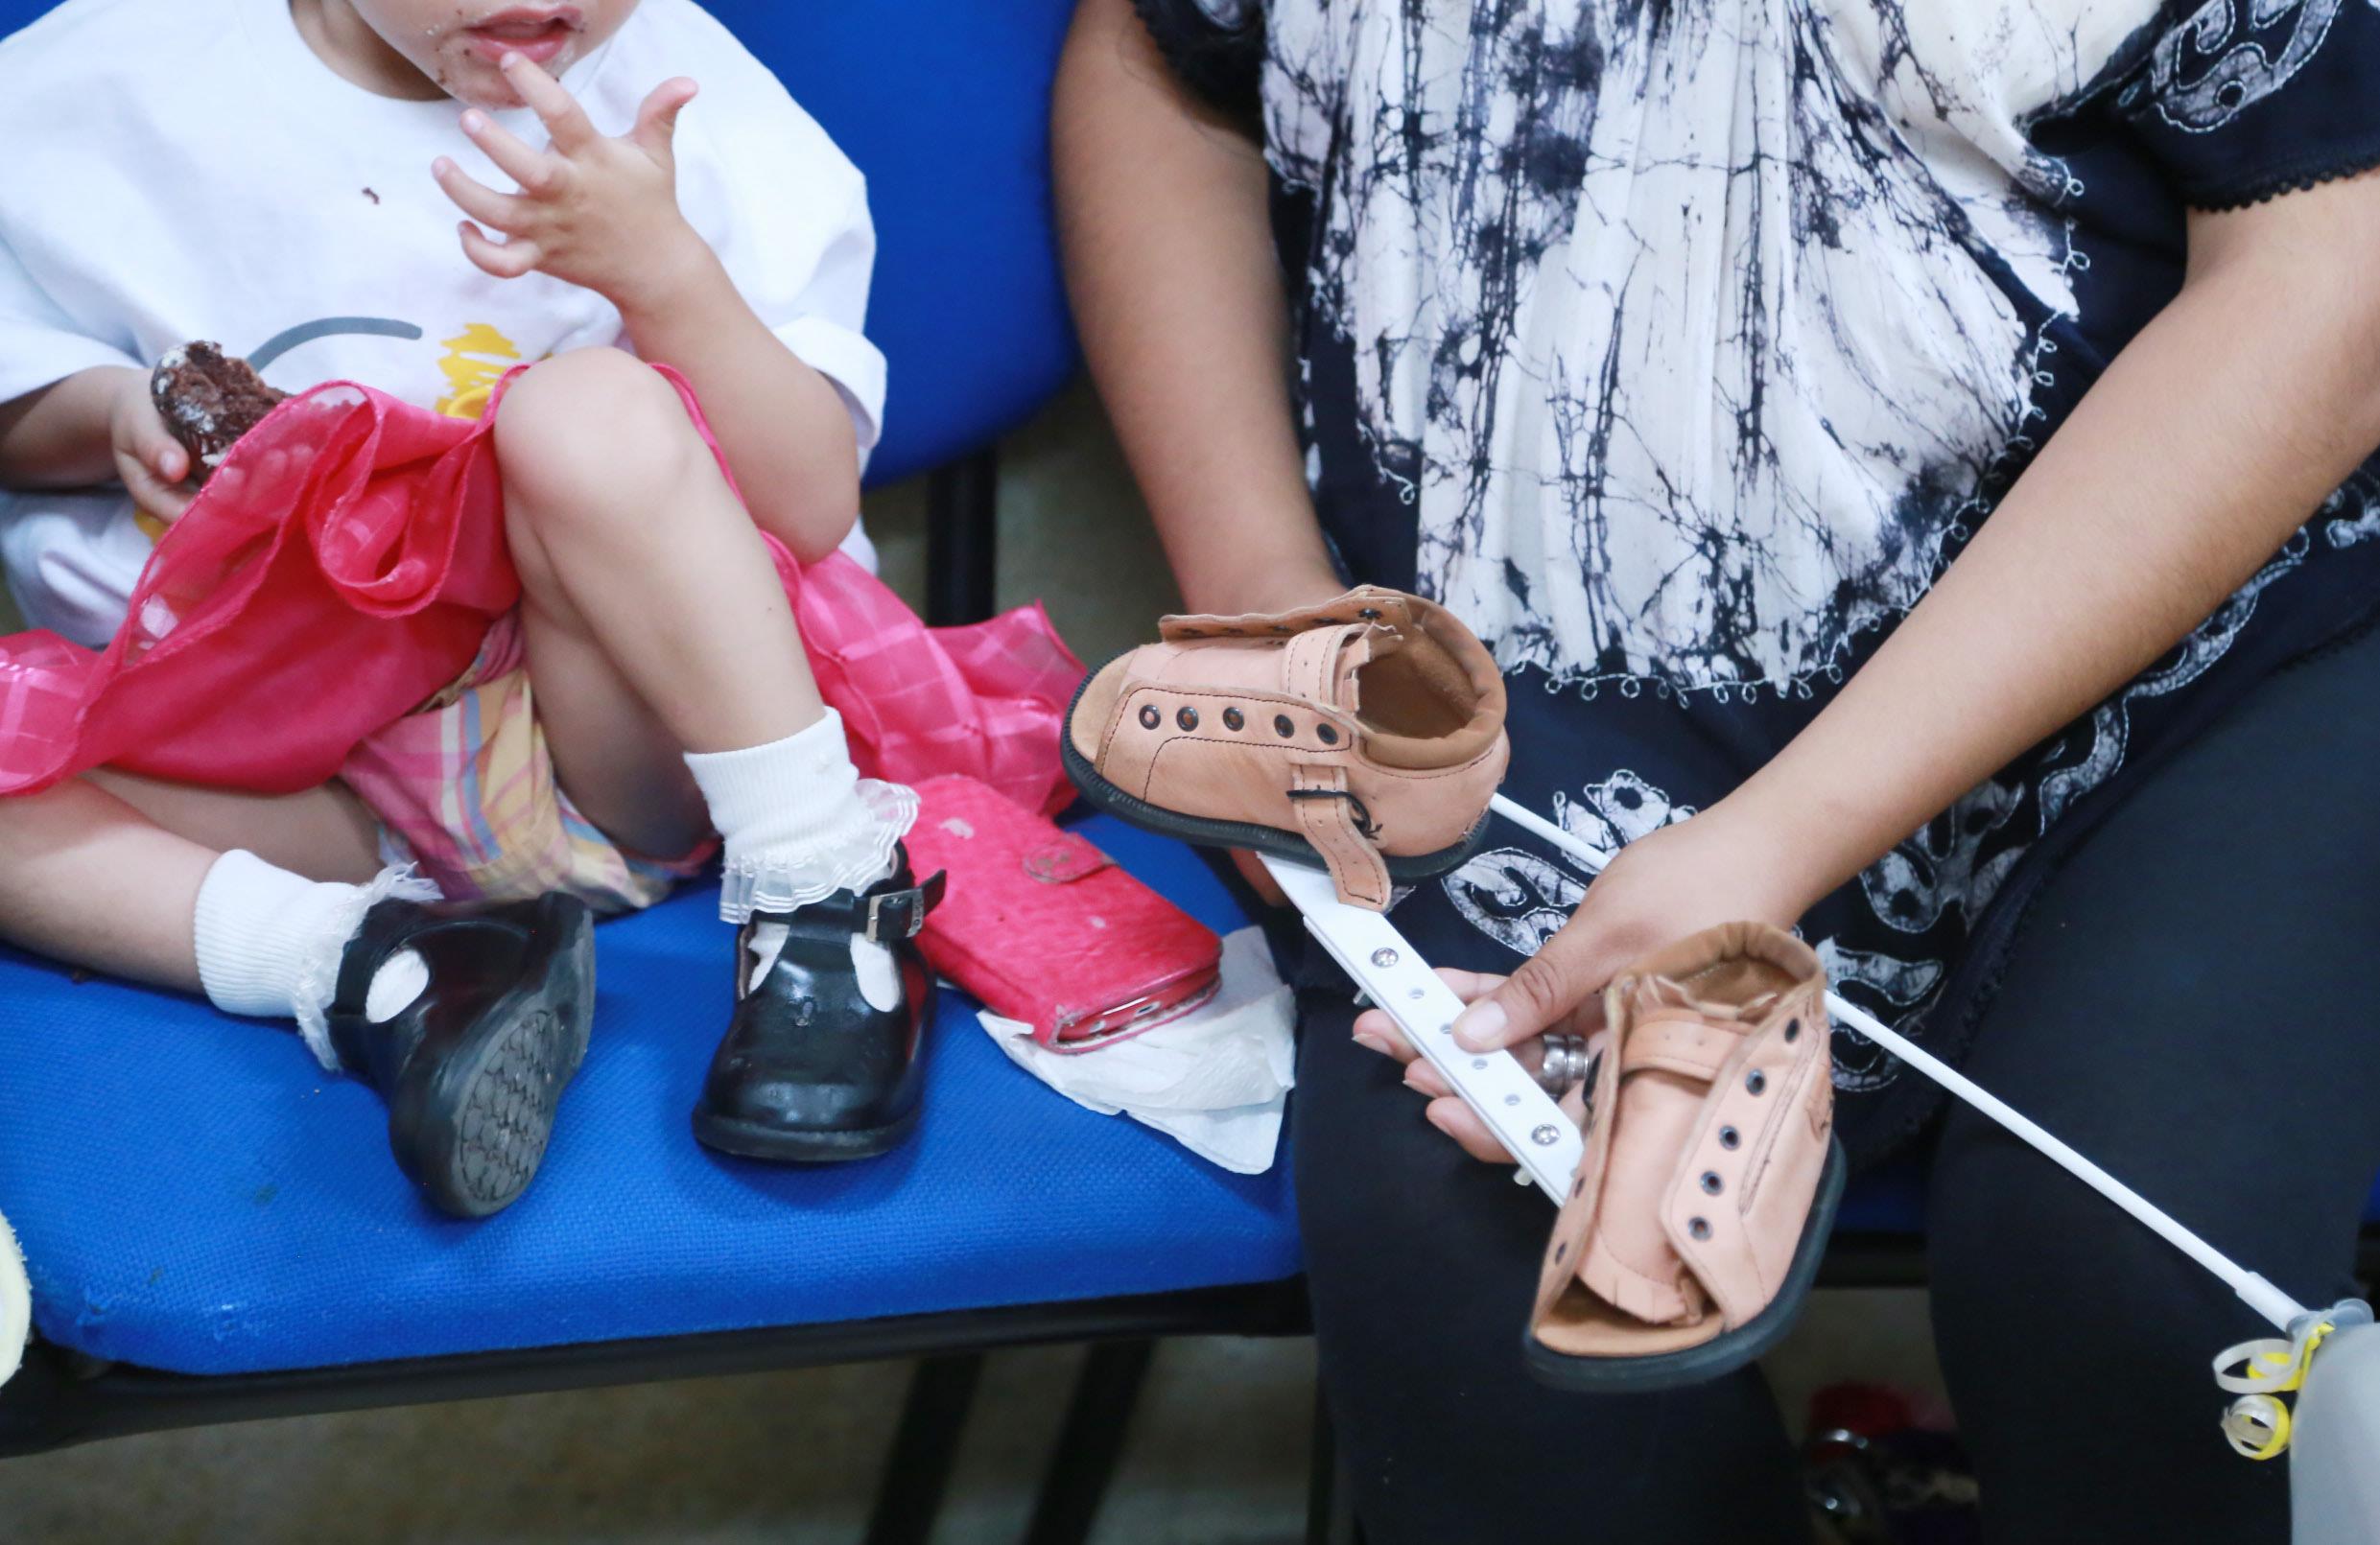 Madre de paciente pediátrico, portando un par de zapatos especiales para el tratamiento del pie equino.